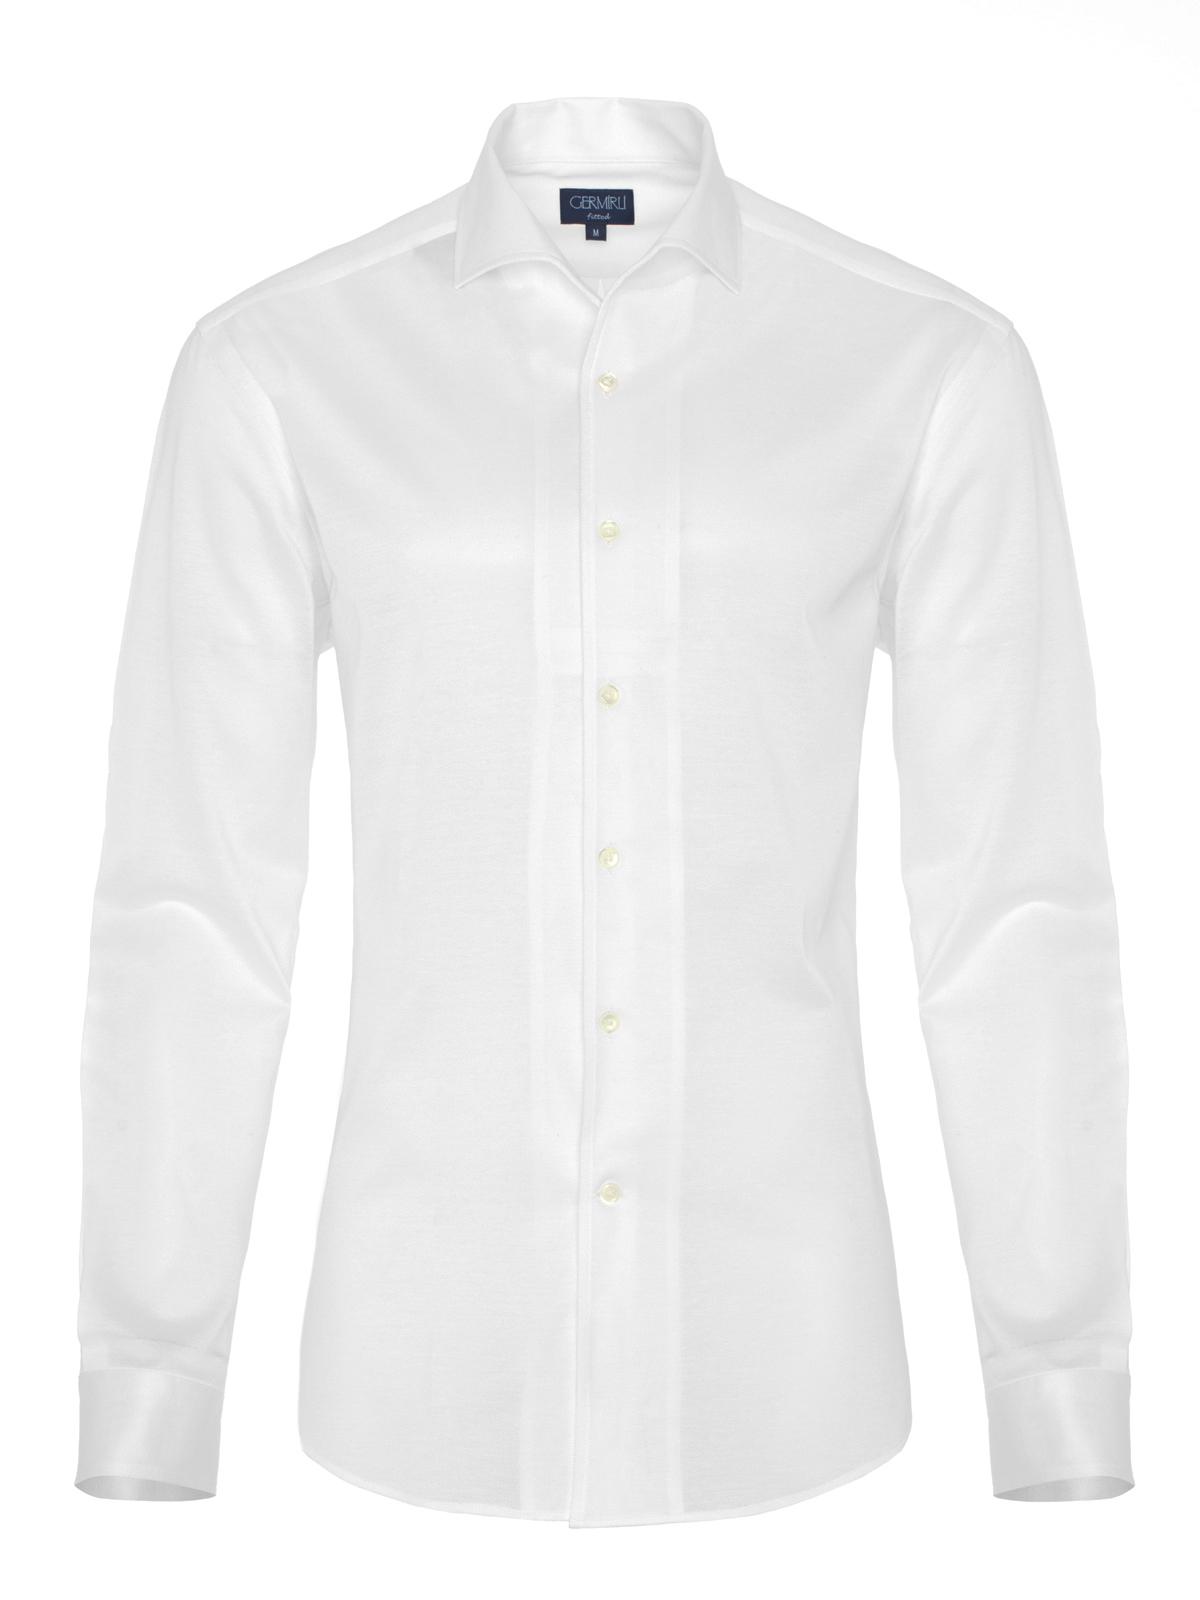 Germirli Nevapaş Tek Parça Yaka Beyaz Piquet Örme Tailor Fit Gömlek